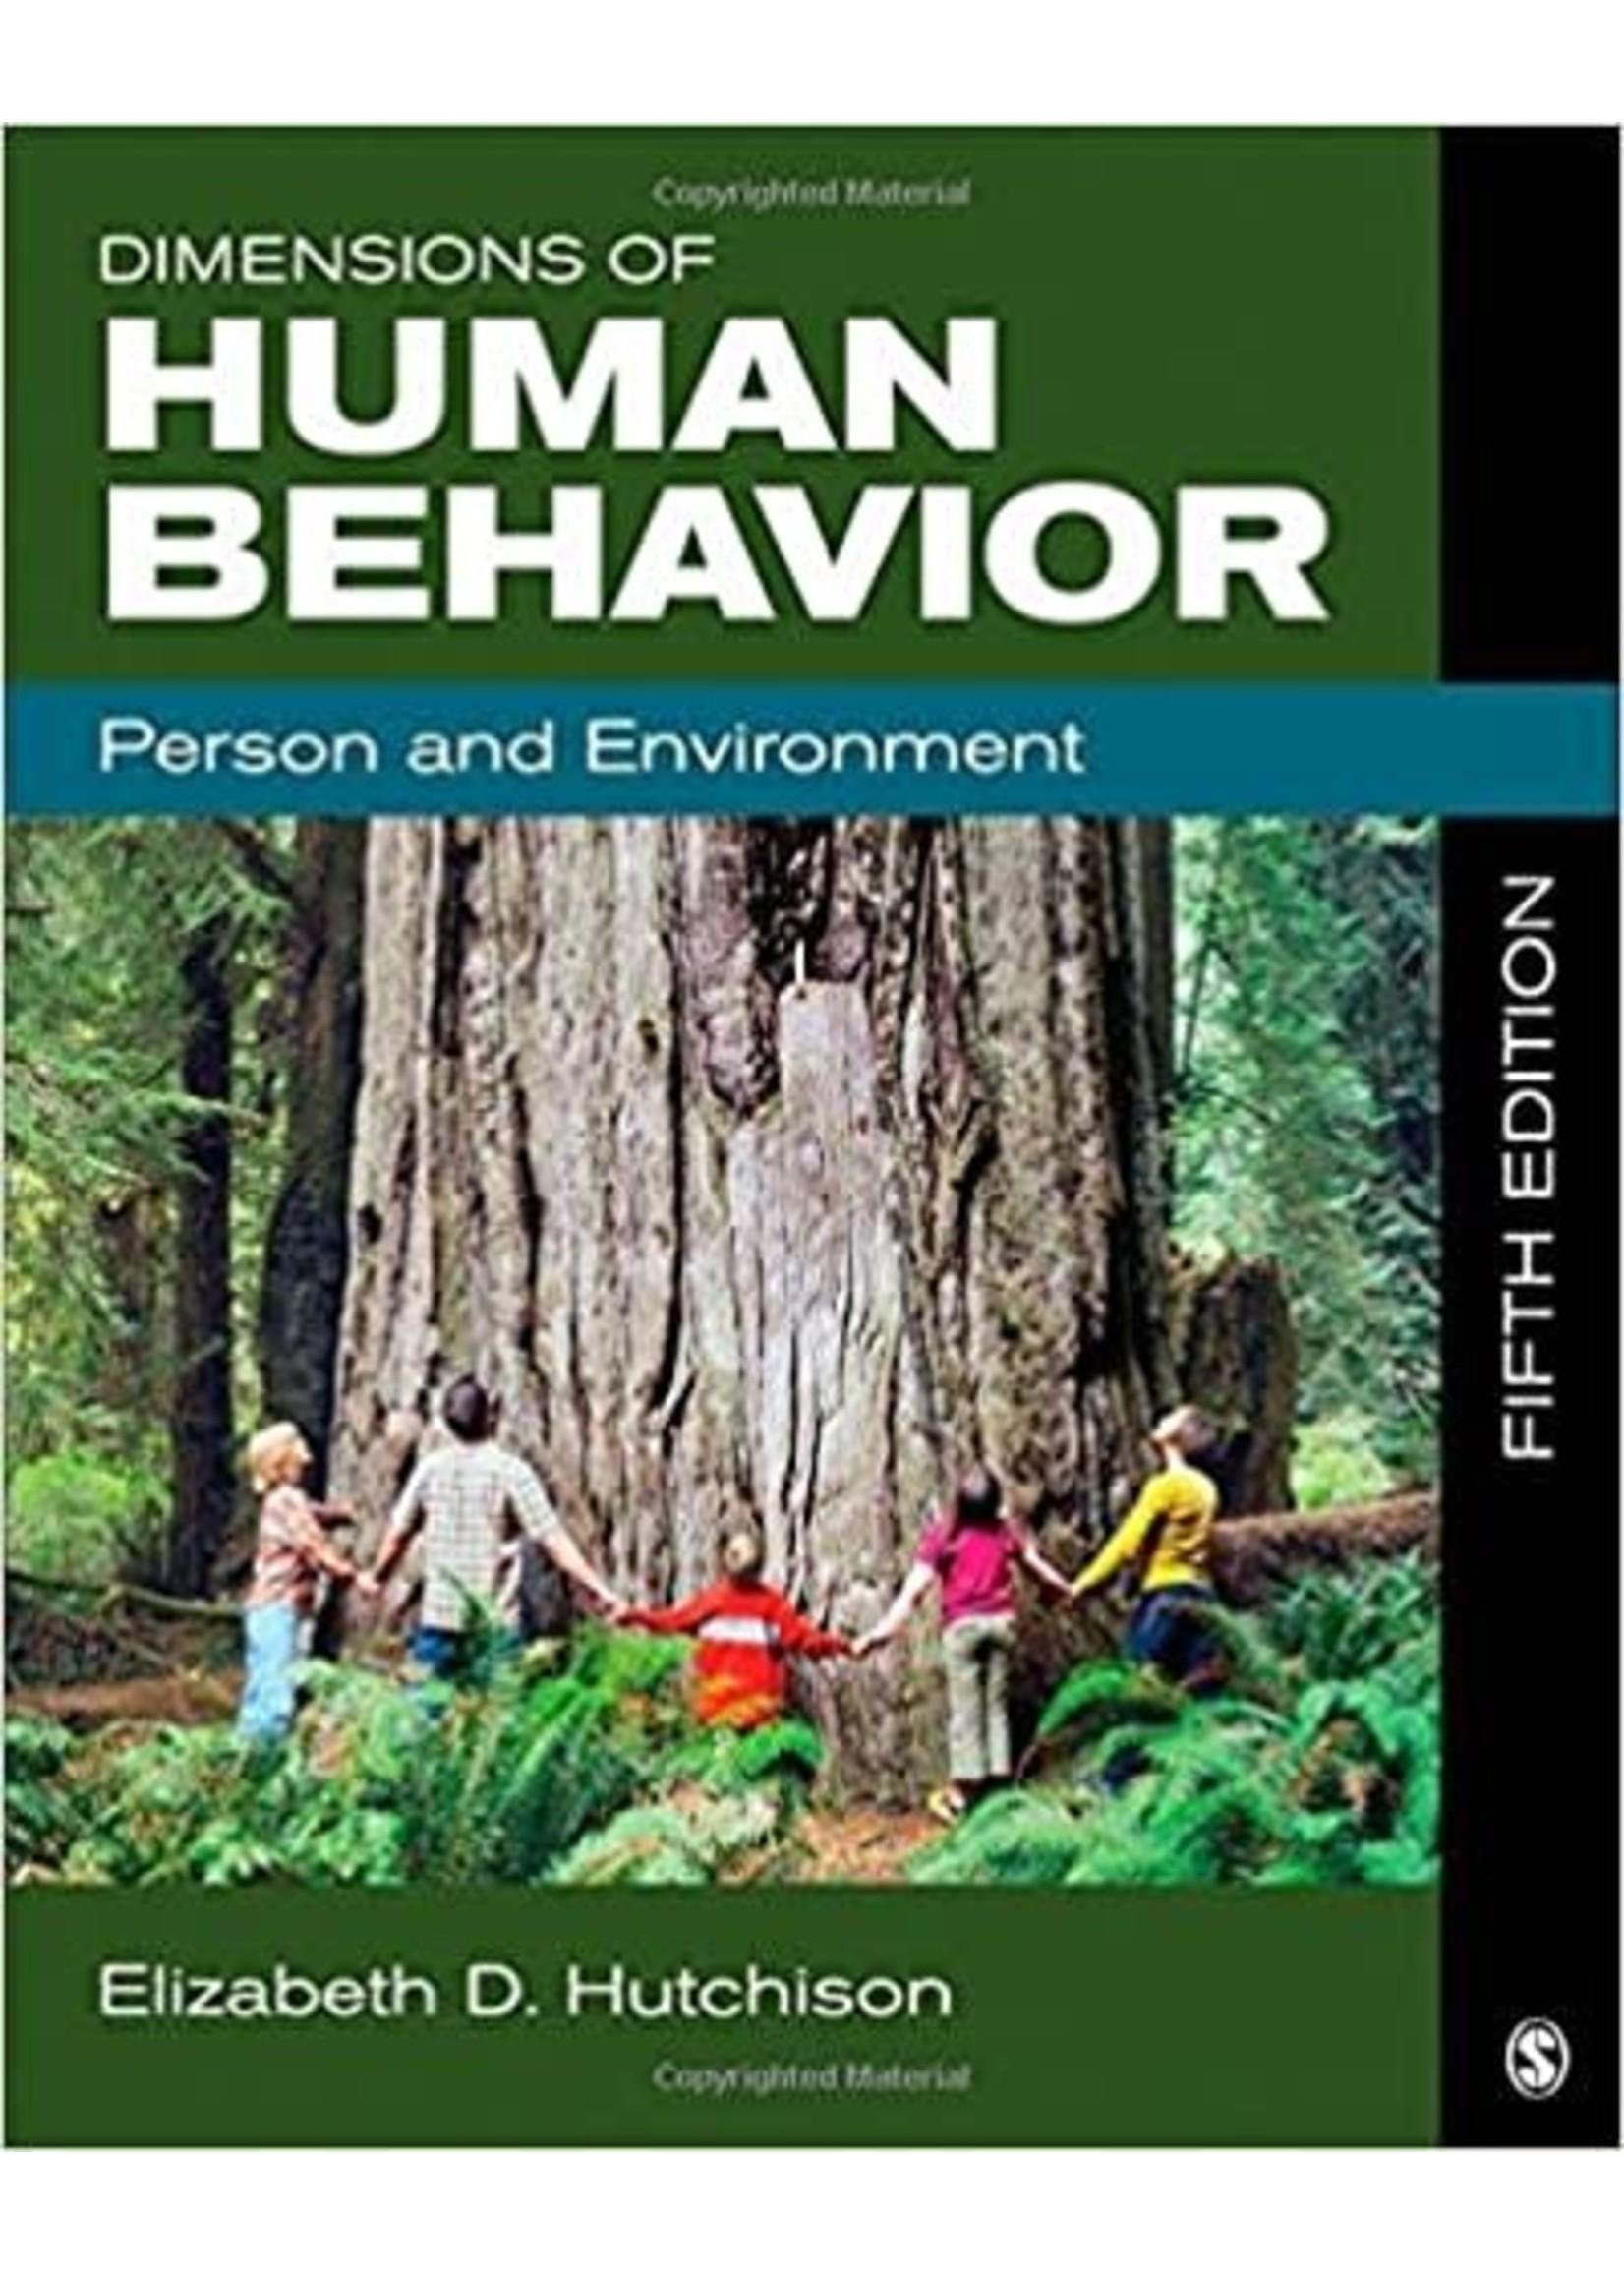 SWK322  DIMENSIONS OF HUMAN BEHAVIOR